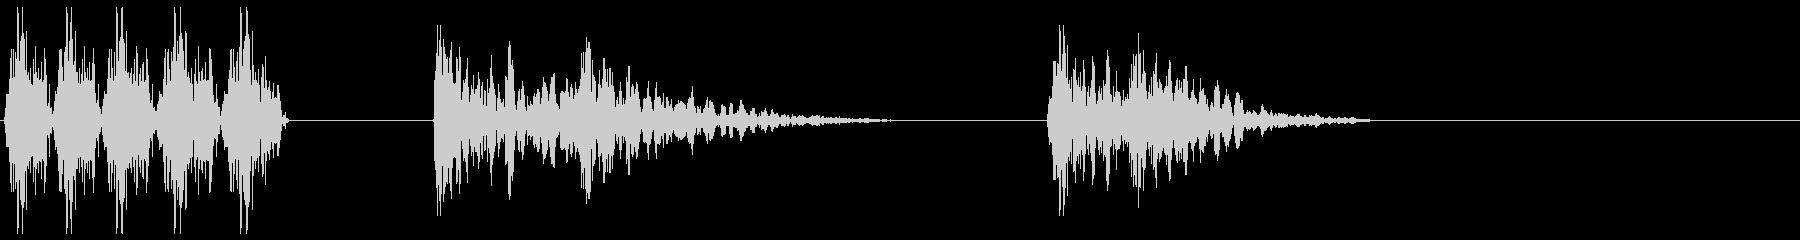 ホイール/コグロック、大規模、スロ...の未再生の波形